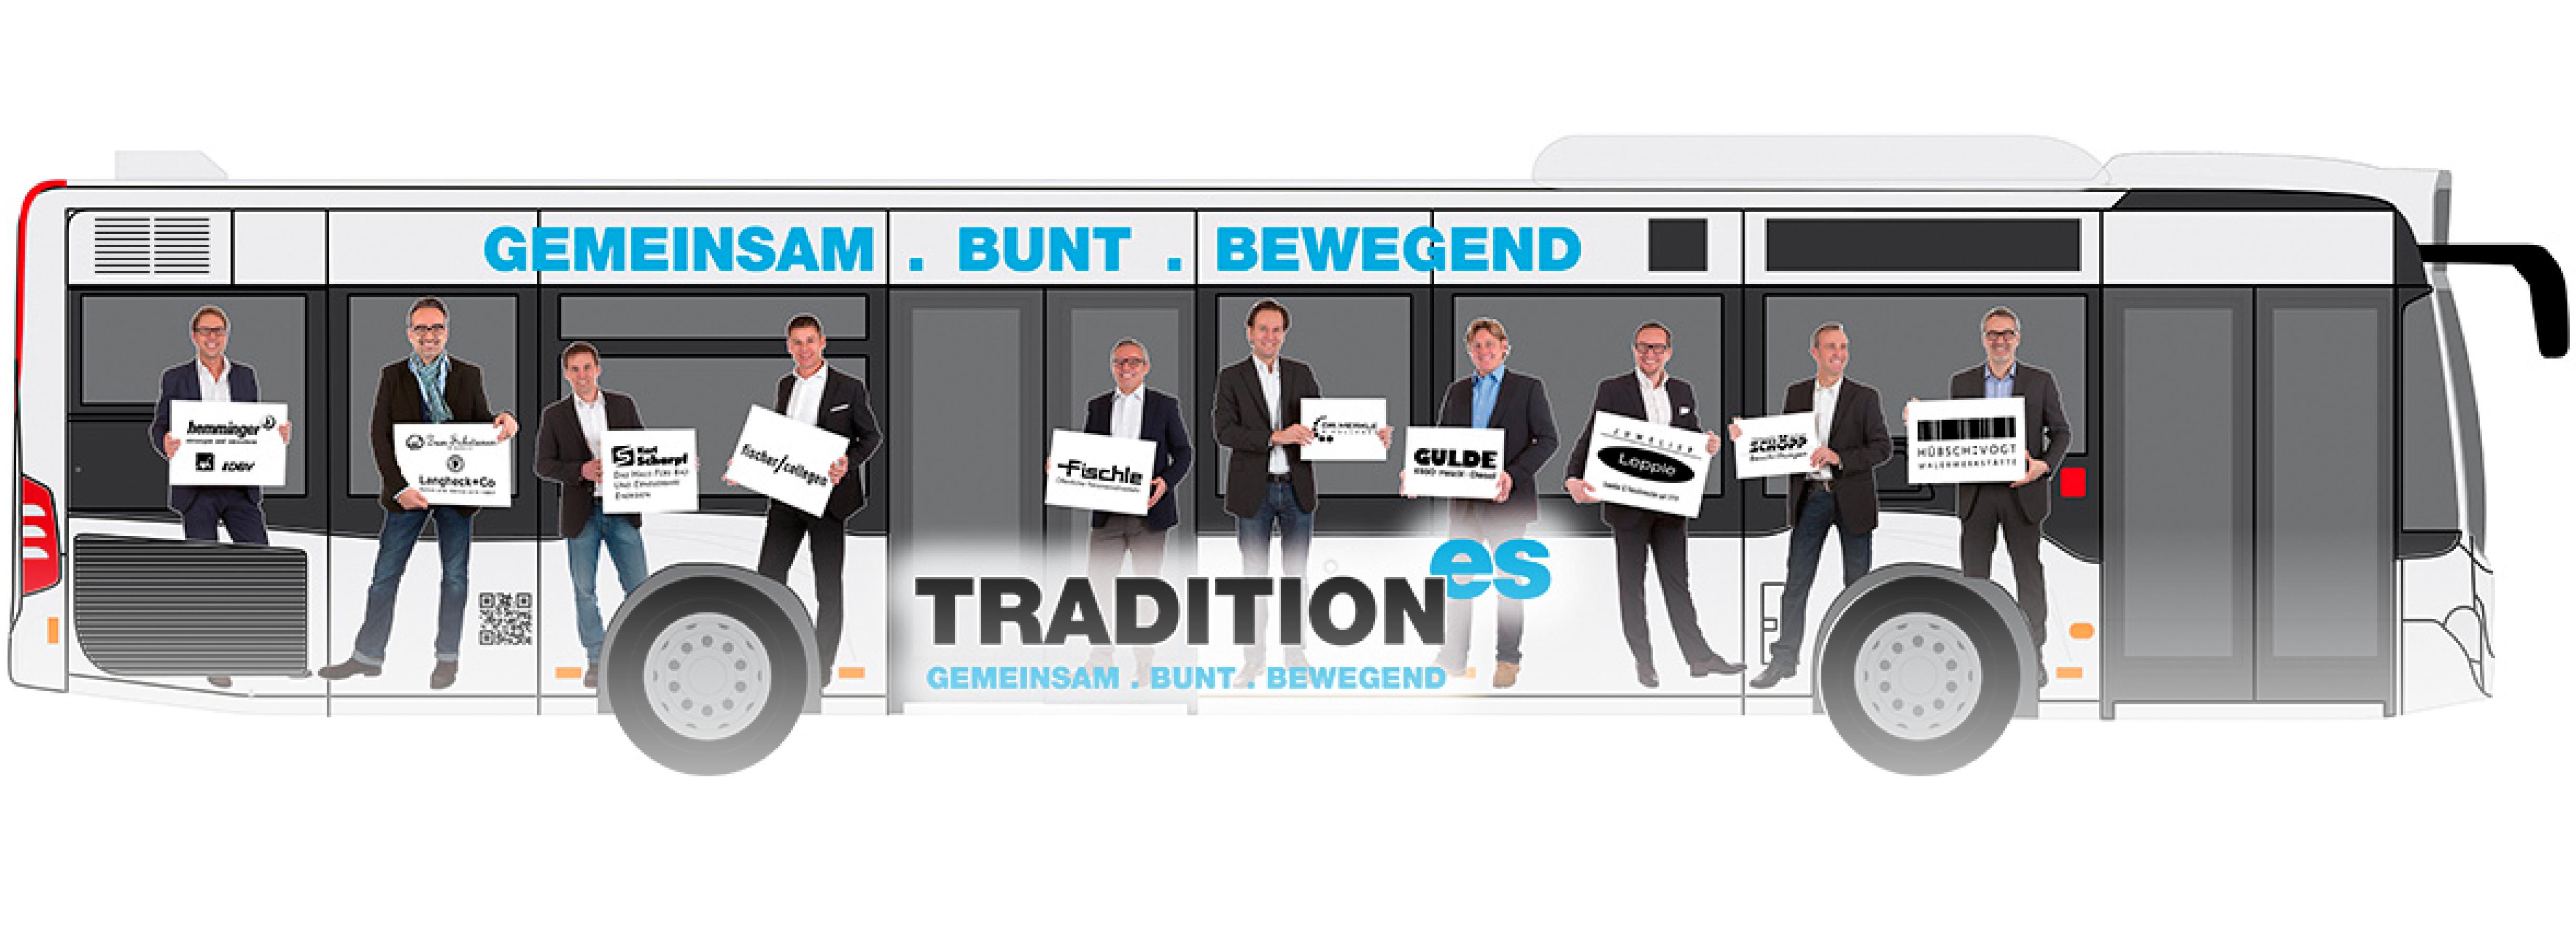 Das Netzwerk von tradition-ES besteht aus Esslinger Unternehmer verschiedener Branchen